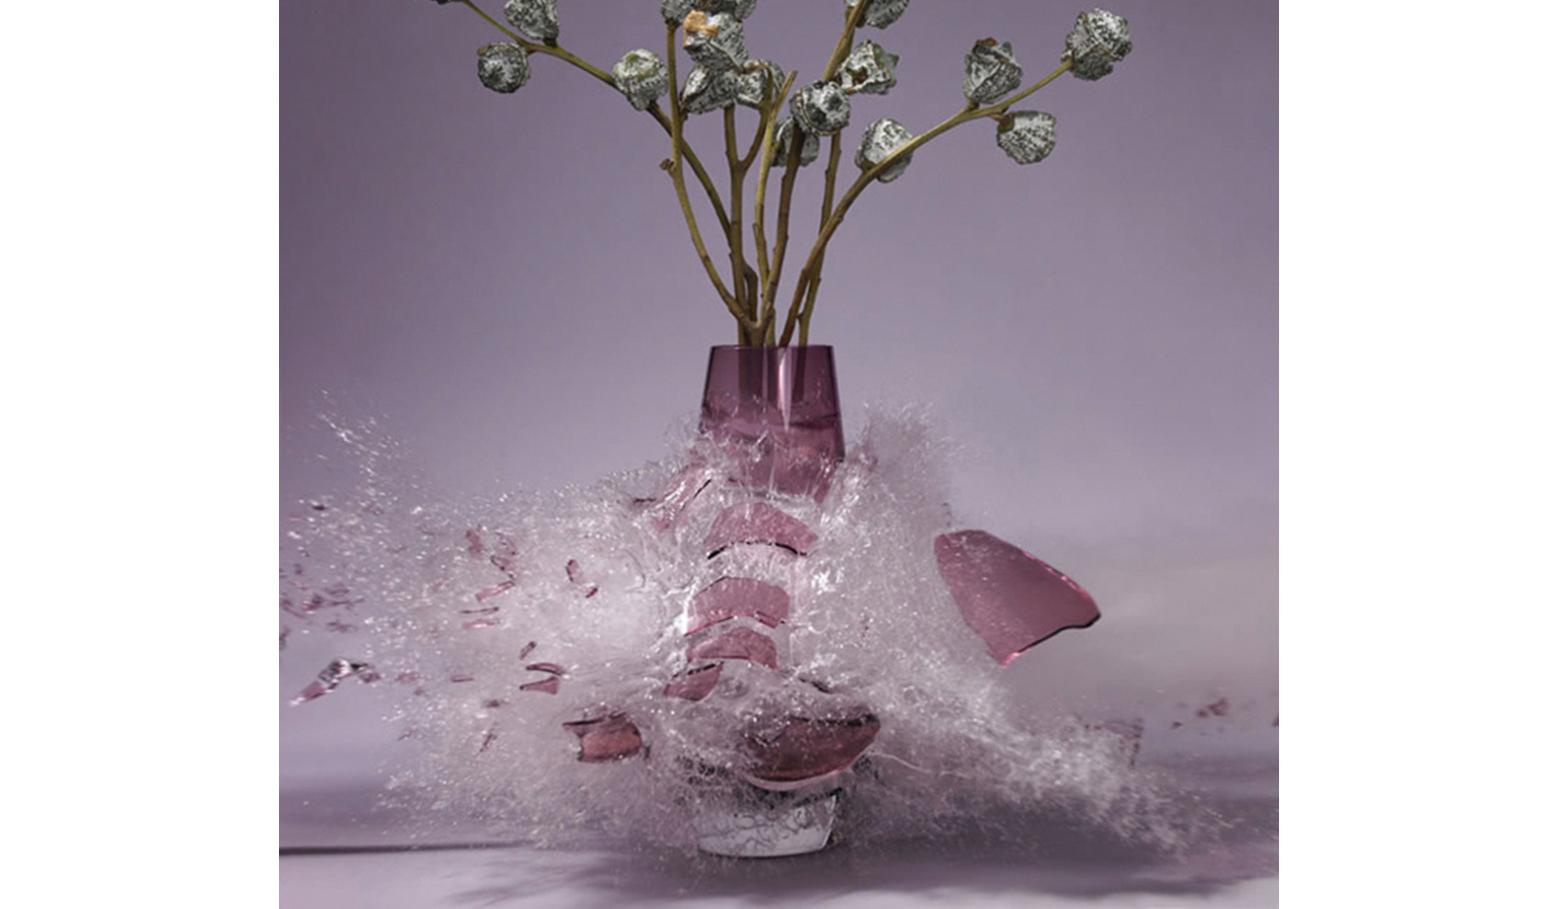 摔碎花瓶的应聘者